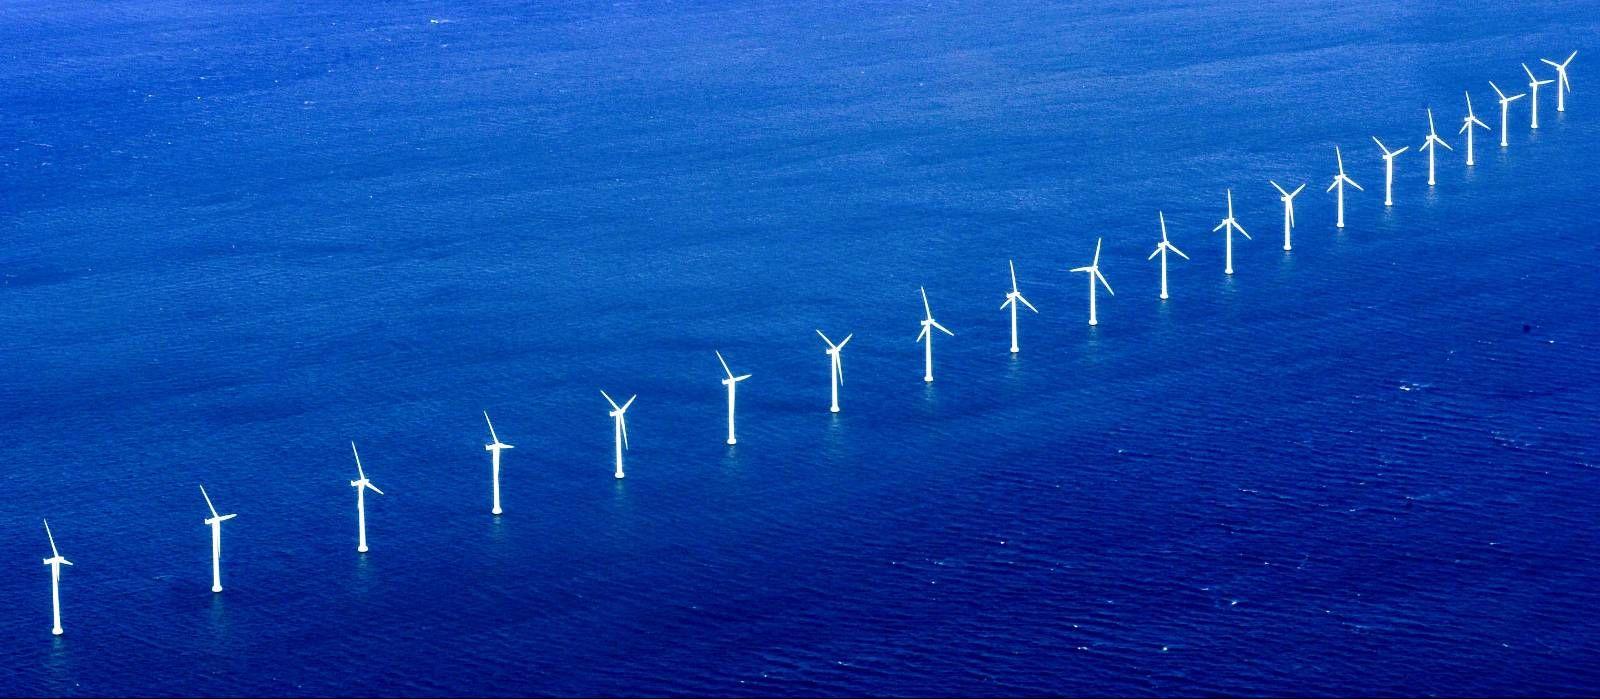 PÅ IS I NORGE: Det er ikke lenger planer om utbygging av havvind i Norge, men forskning pågår. I Storbritannia er situasjonen en helt annen, og der er man nå ledende i verden. I Danmark, hvor dette bildet er tatt, er det også store planer for utnyttelse av havvind.